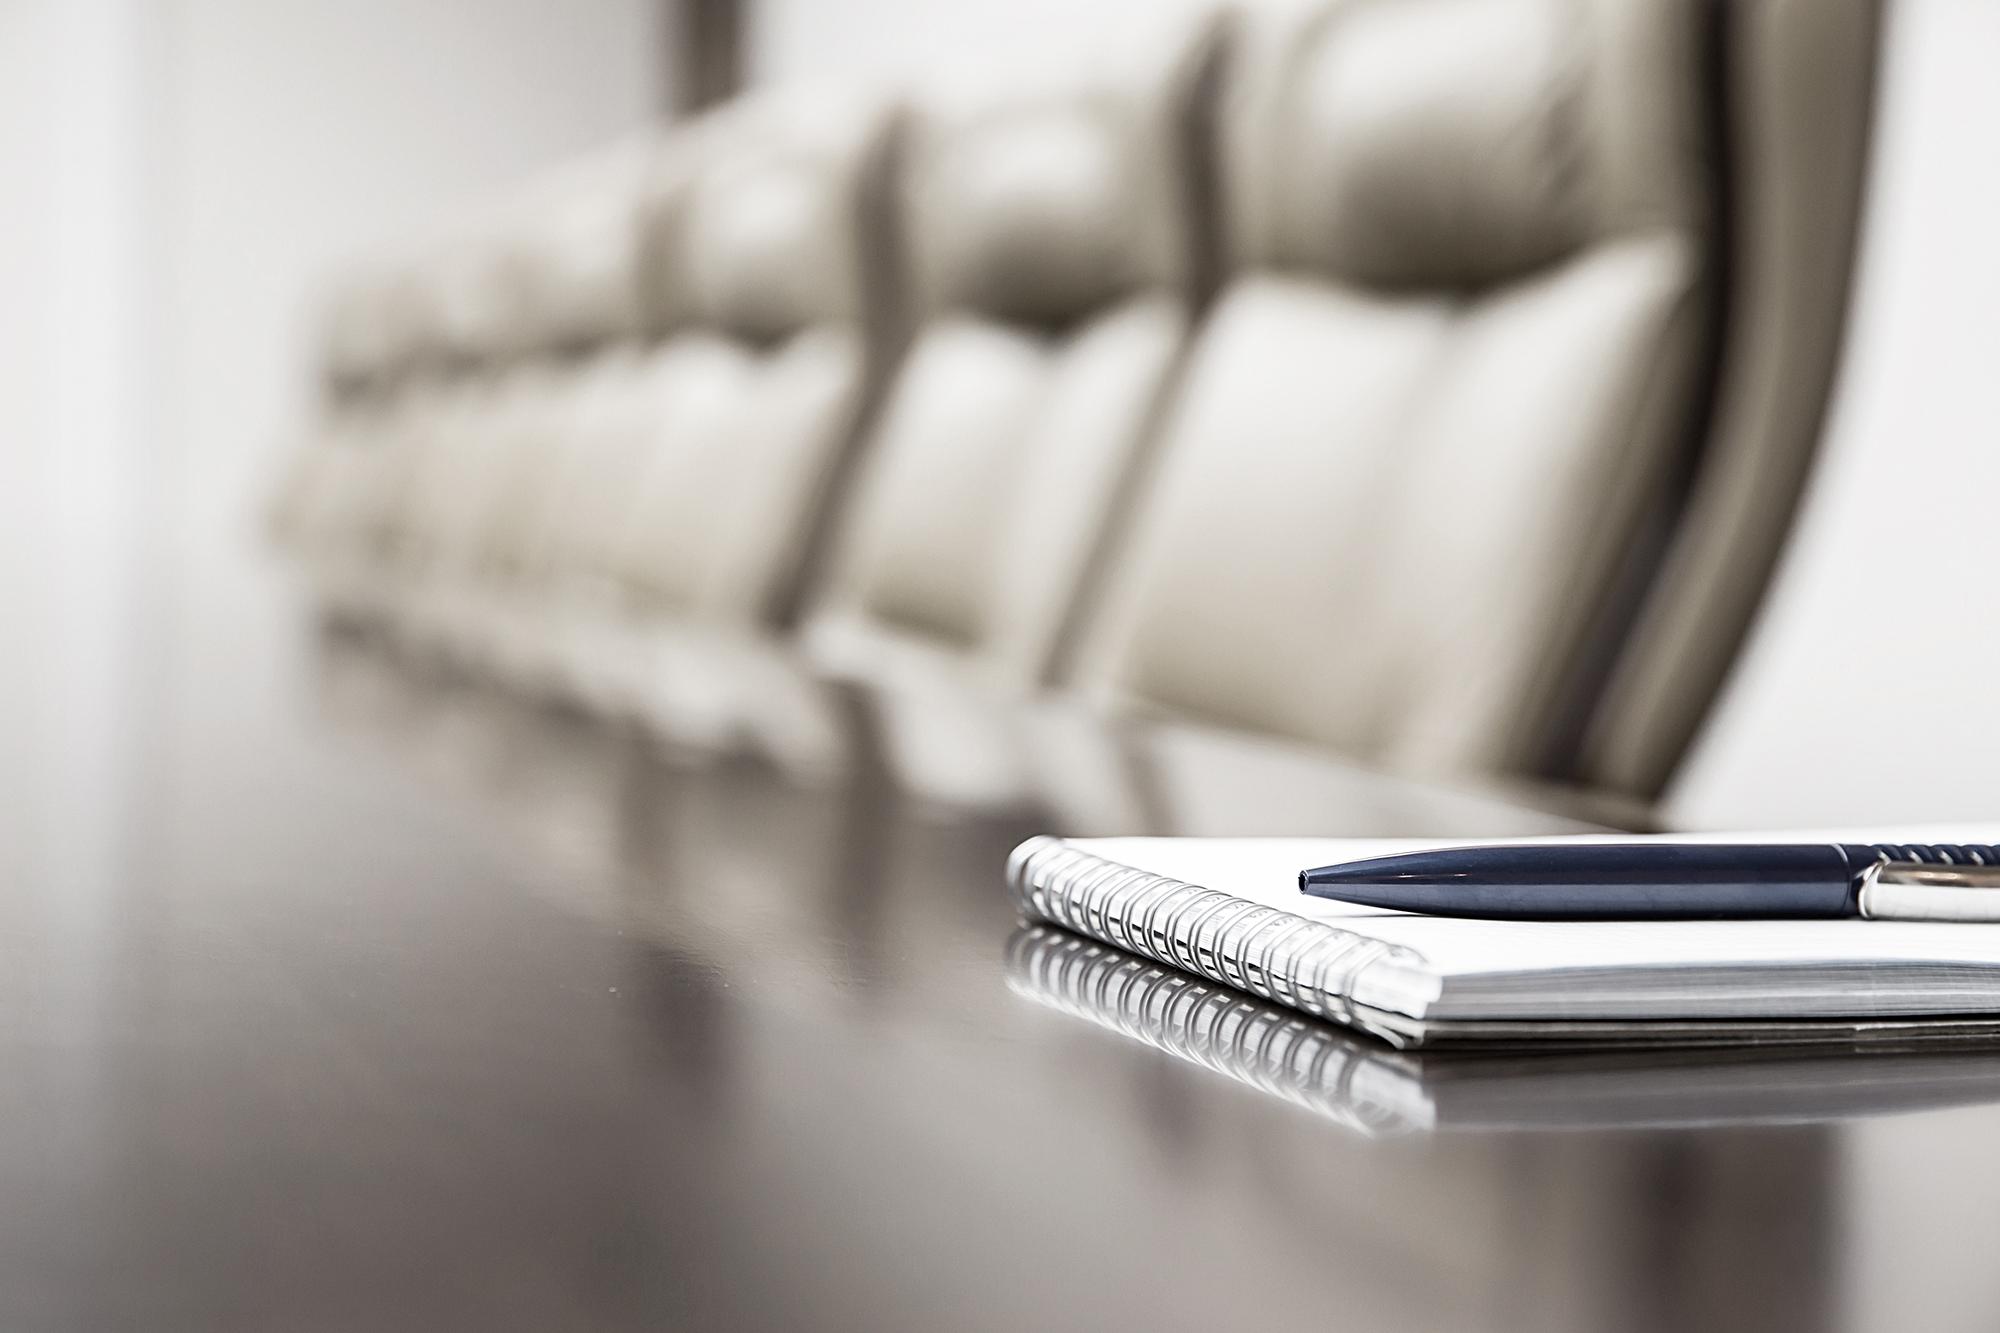 Agencia tributaria: notificaciones electrónicas y recaudación